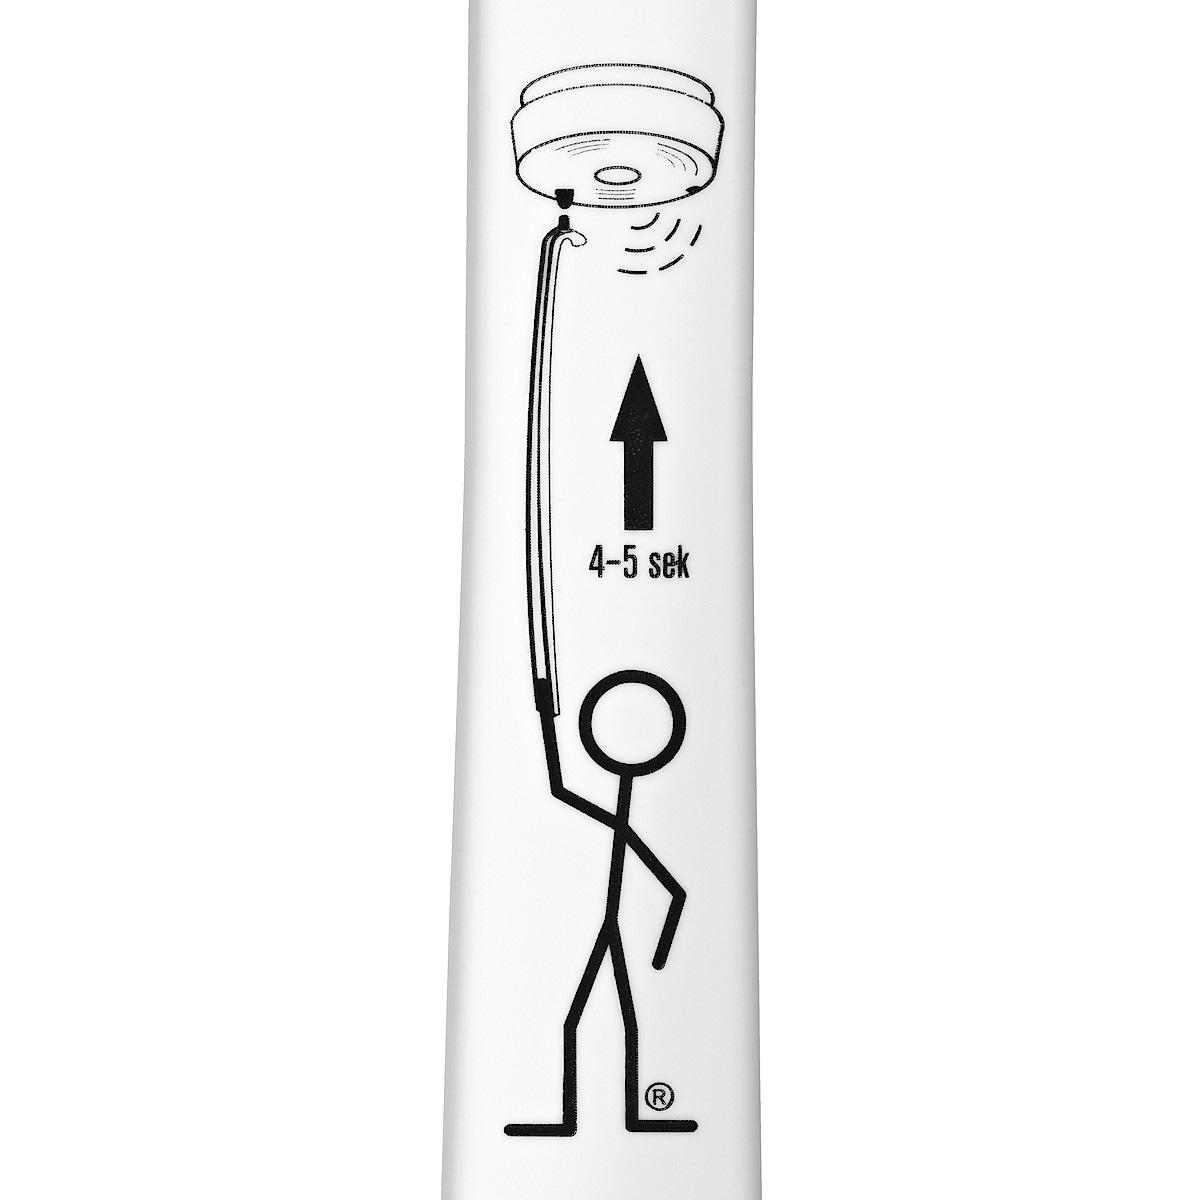 Skohorn Testhornet